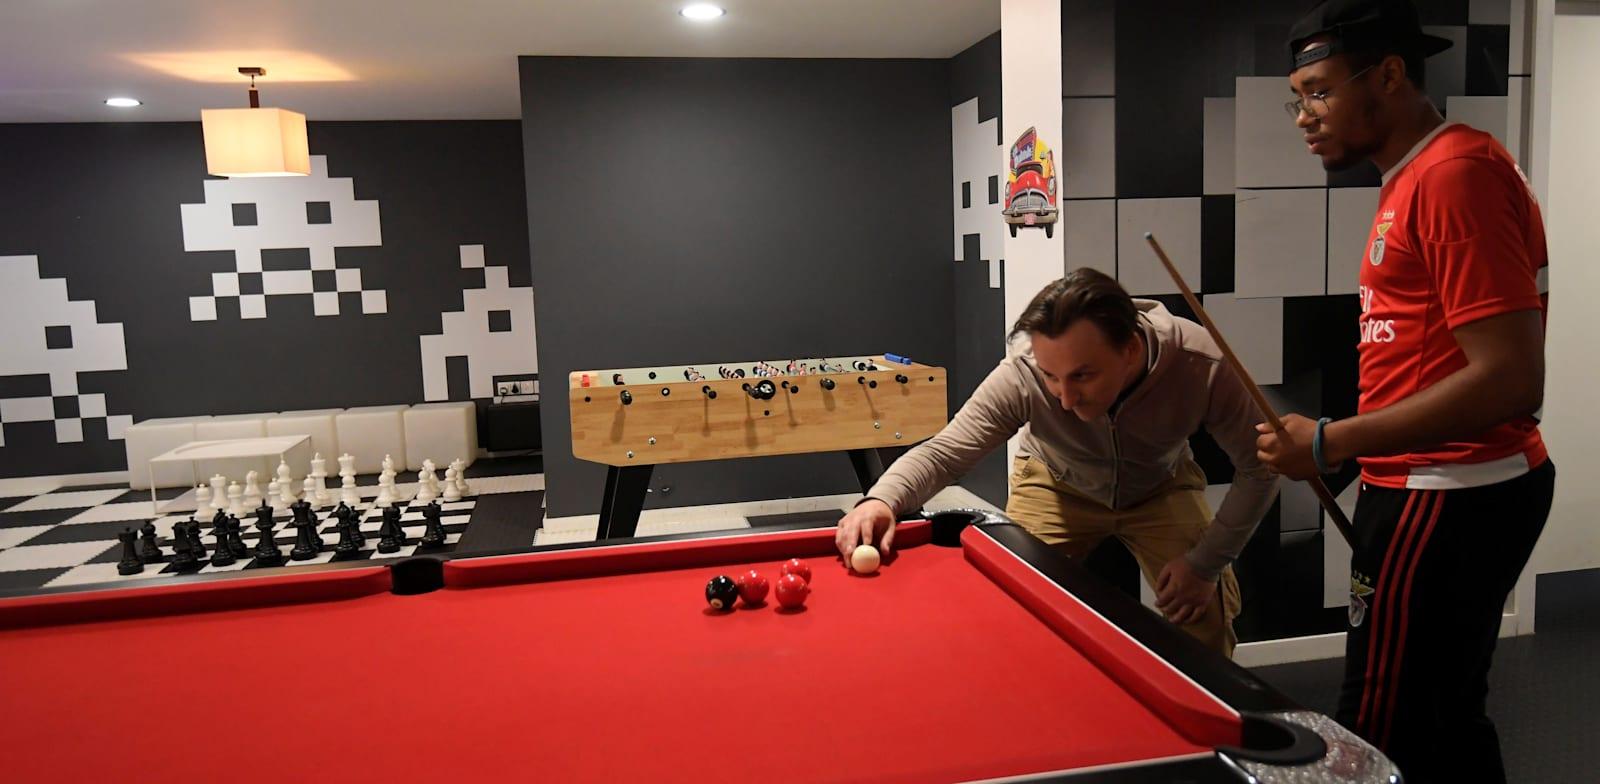 חלל משחקים בקומונה ליד לונדון / צילום: Reuters, Toby Melville